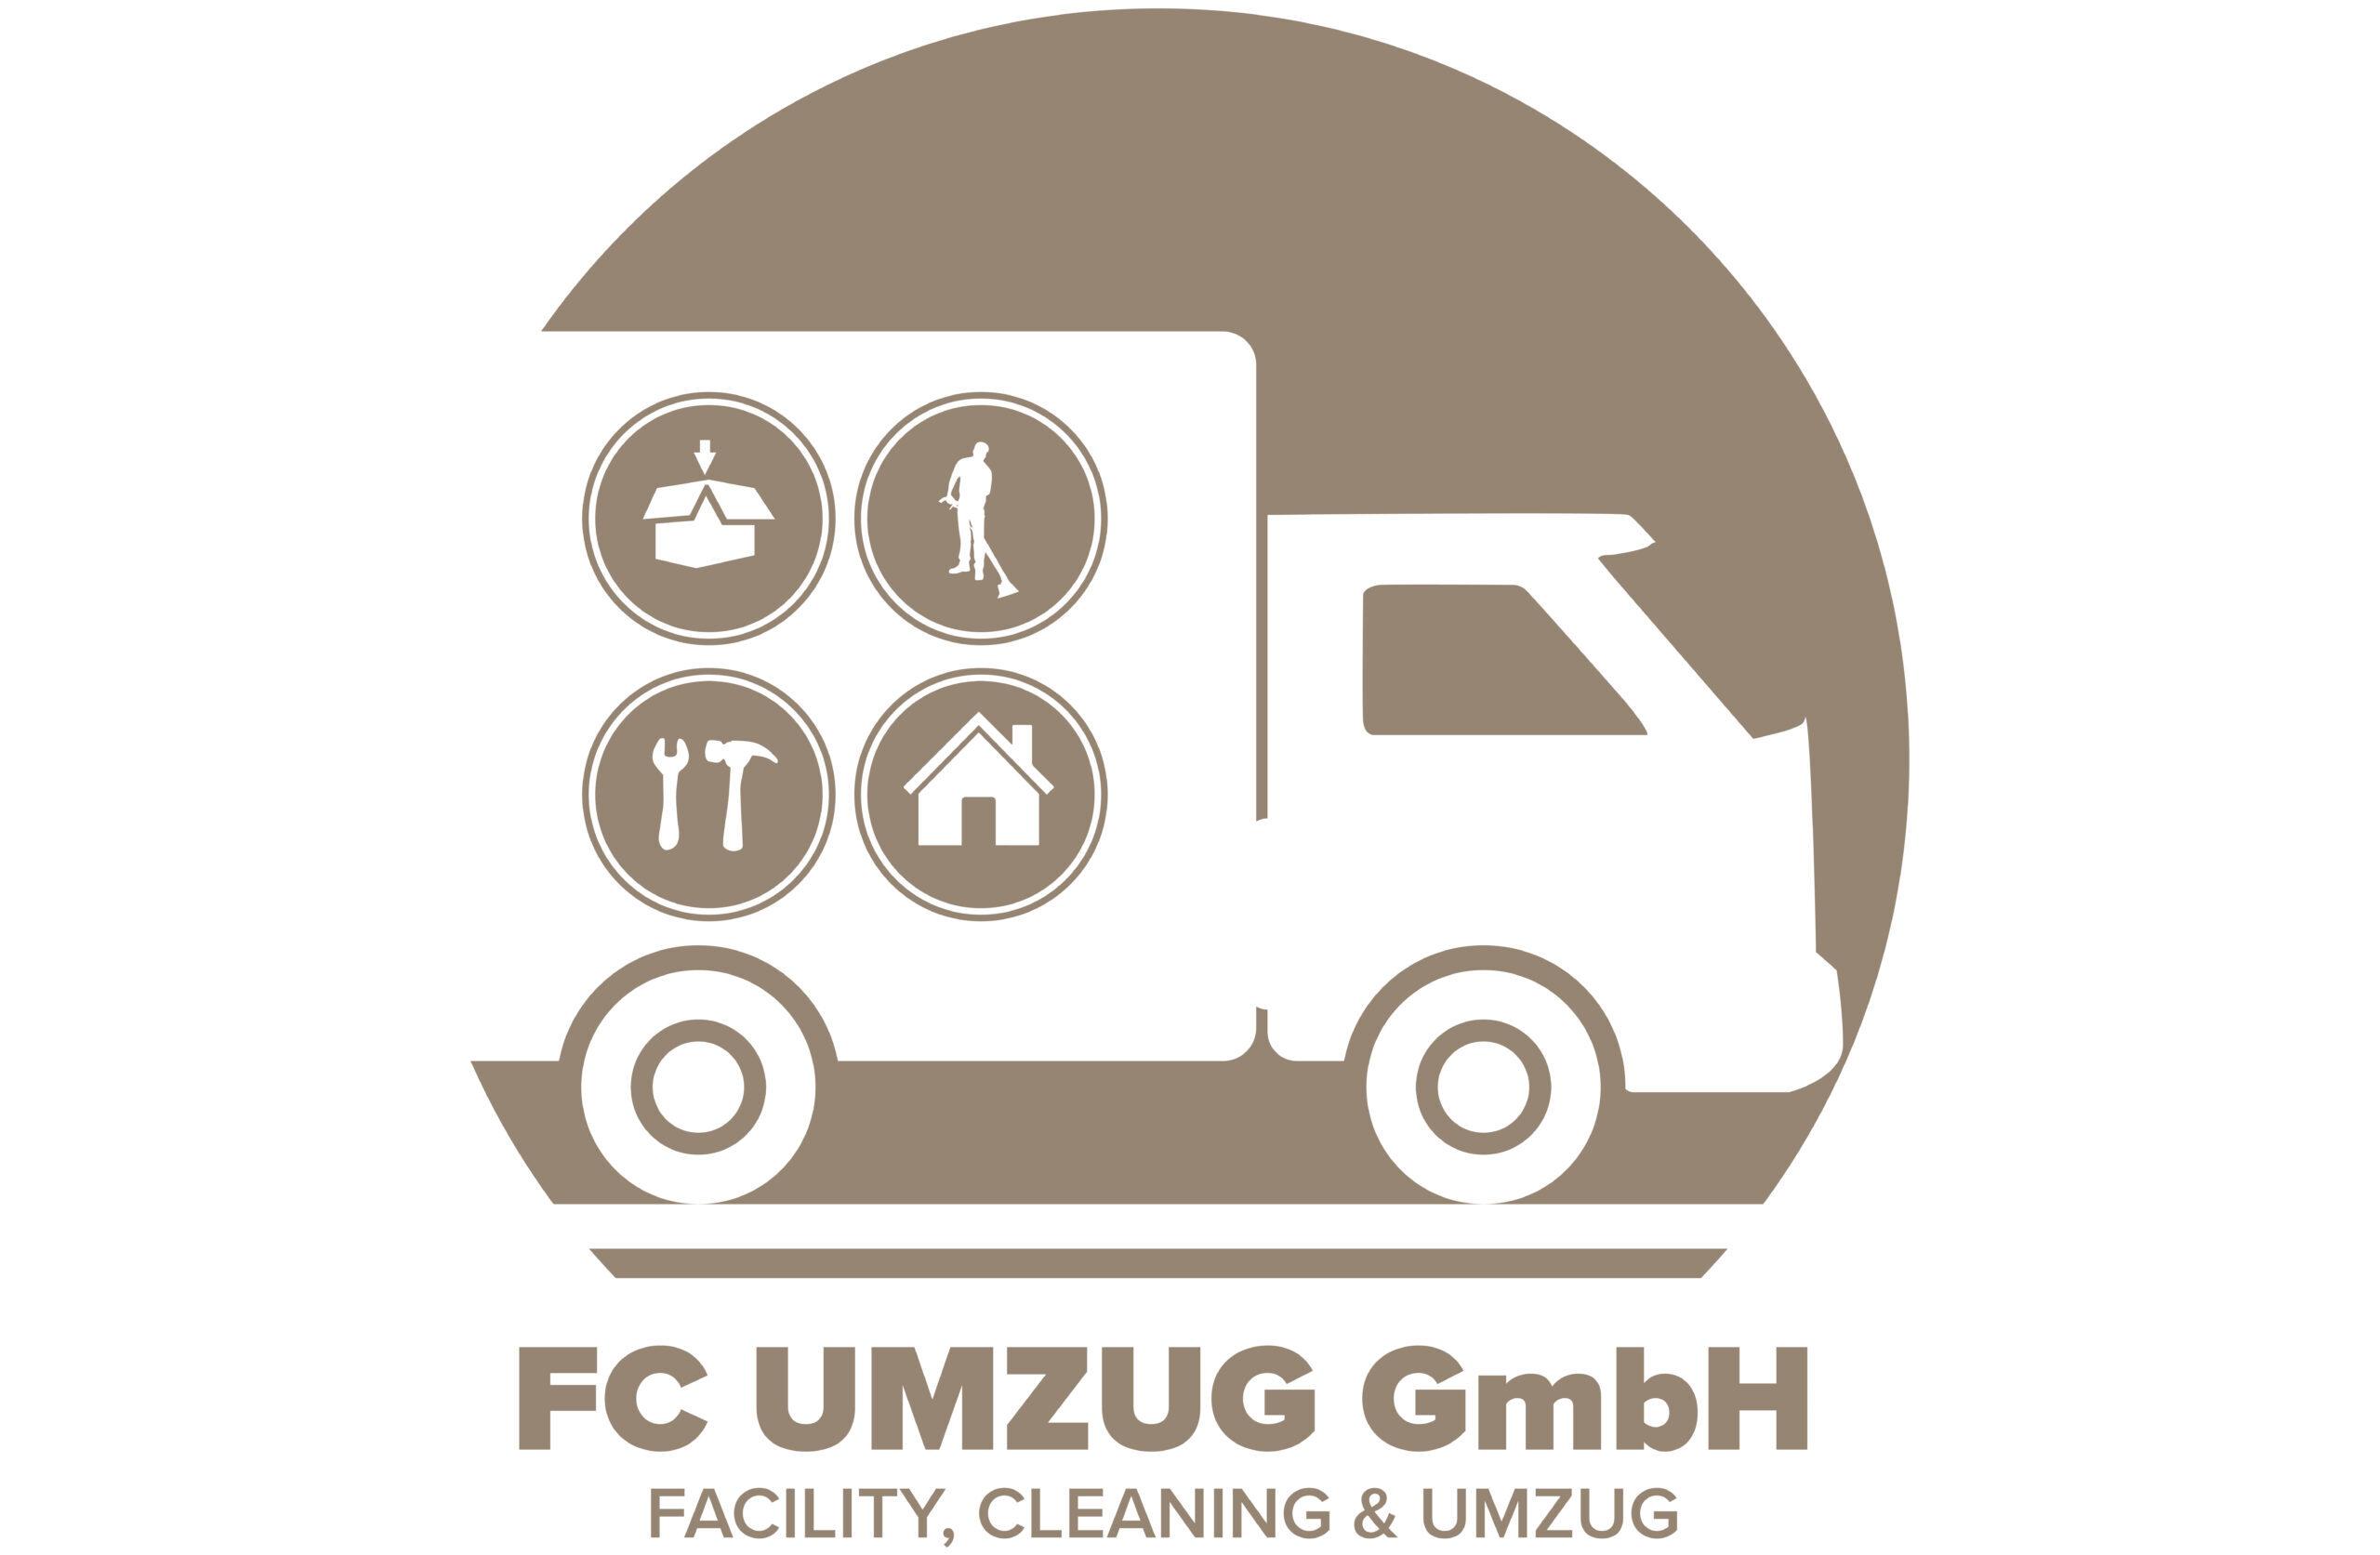 FC Umzug